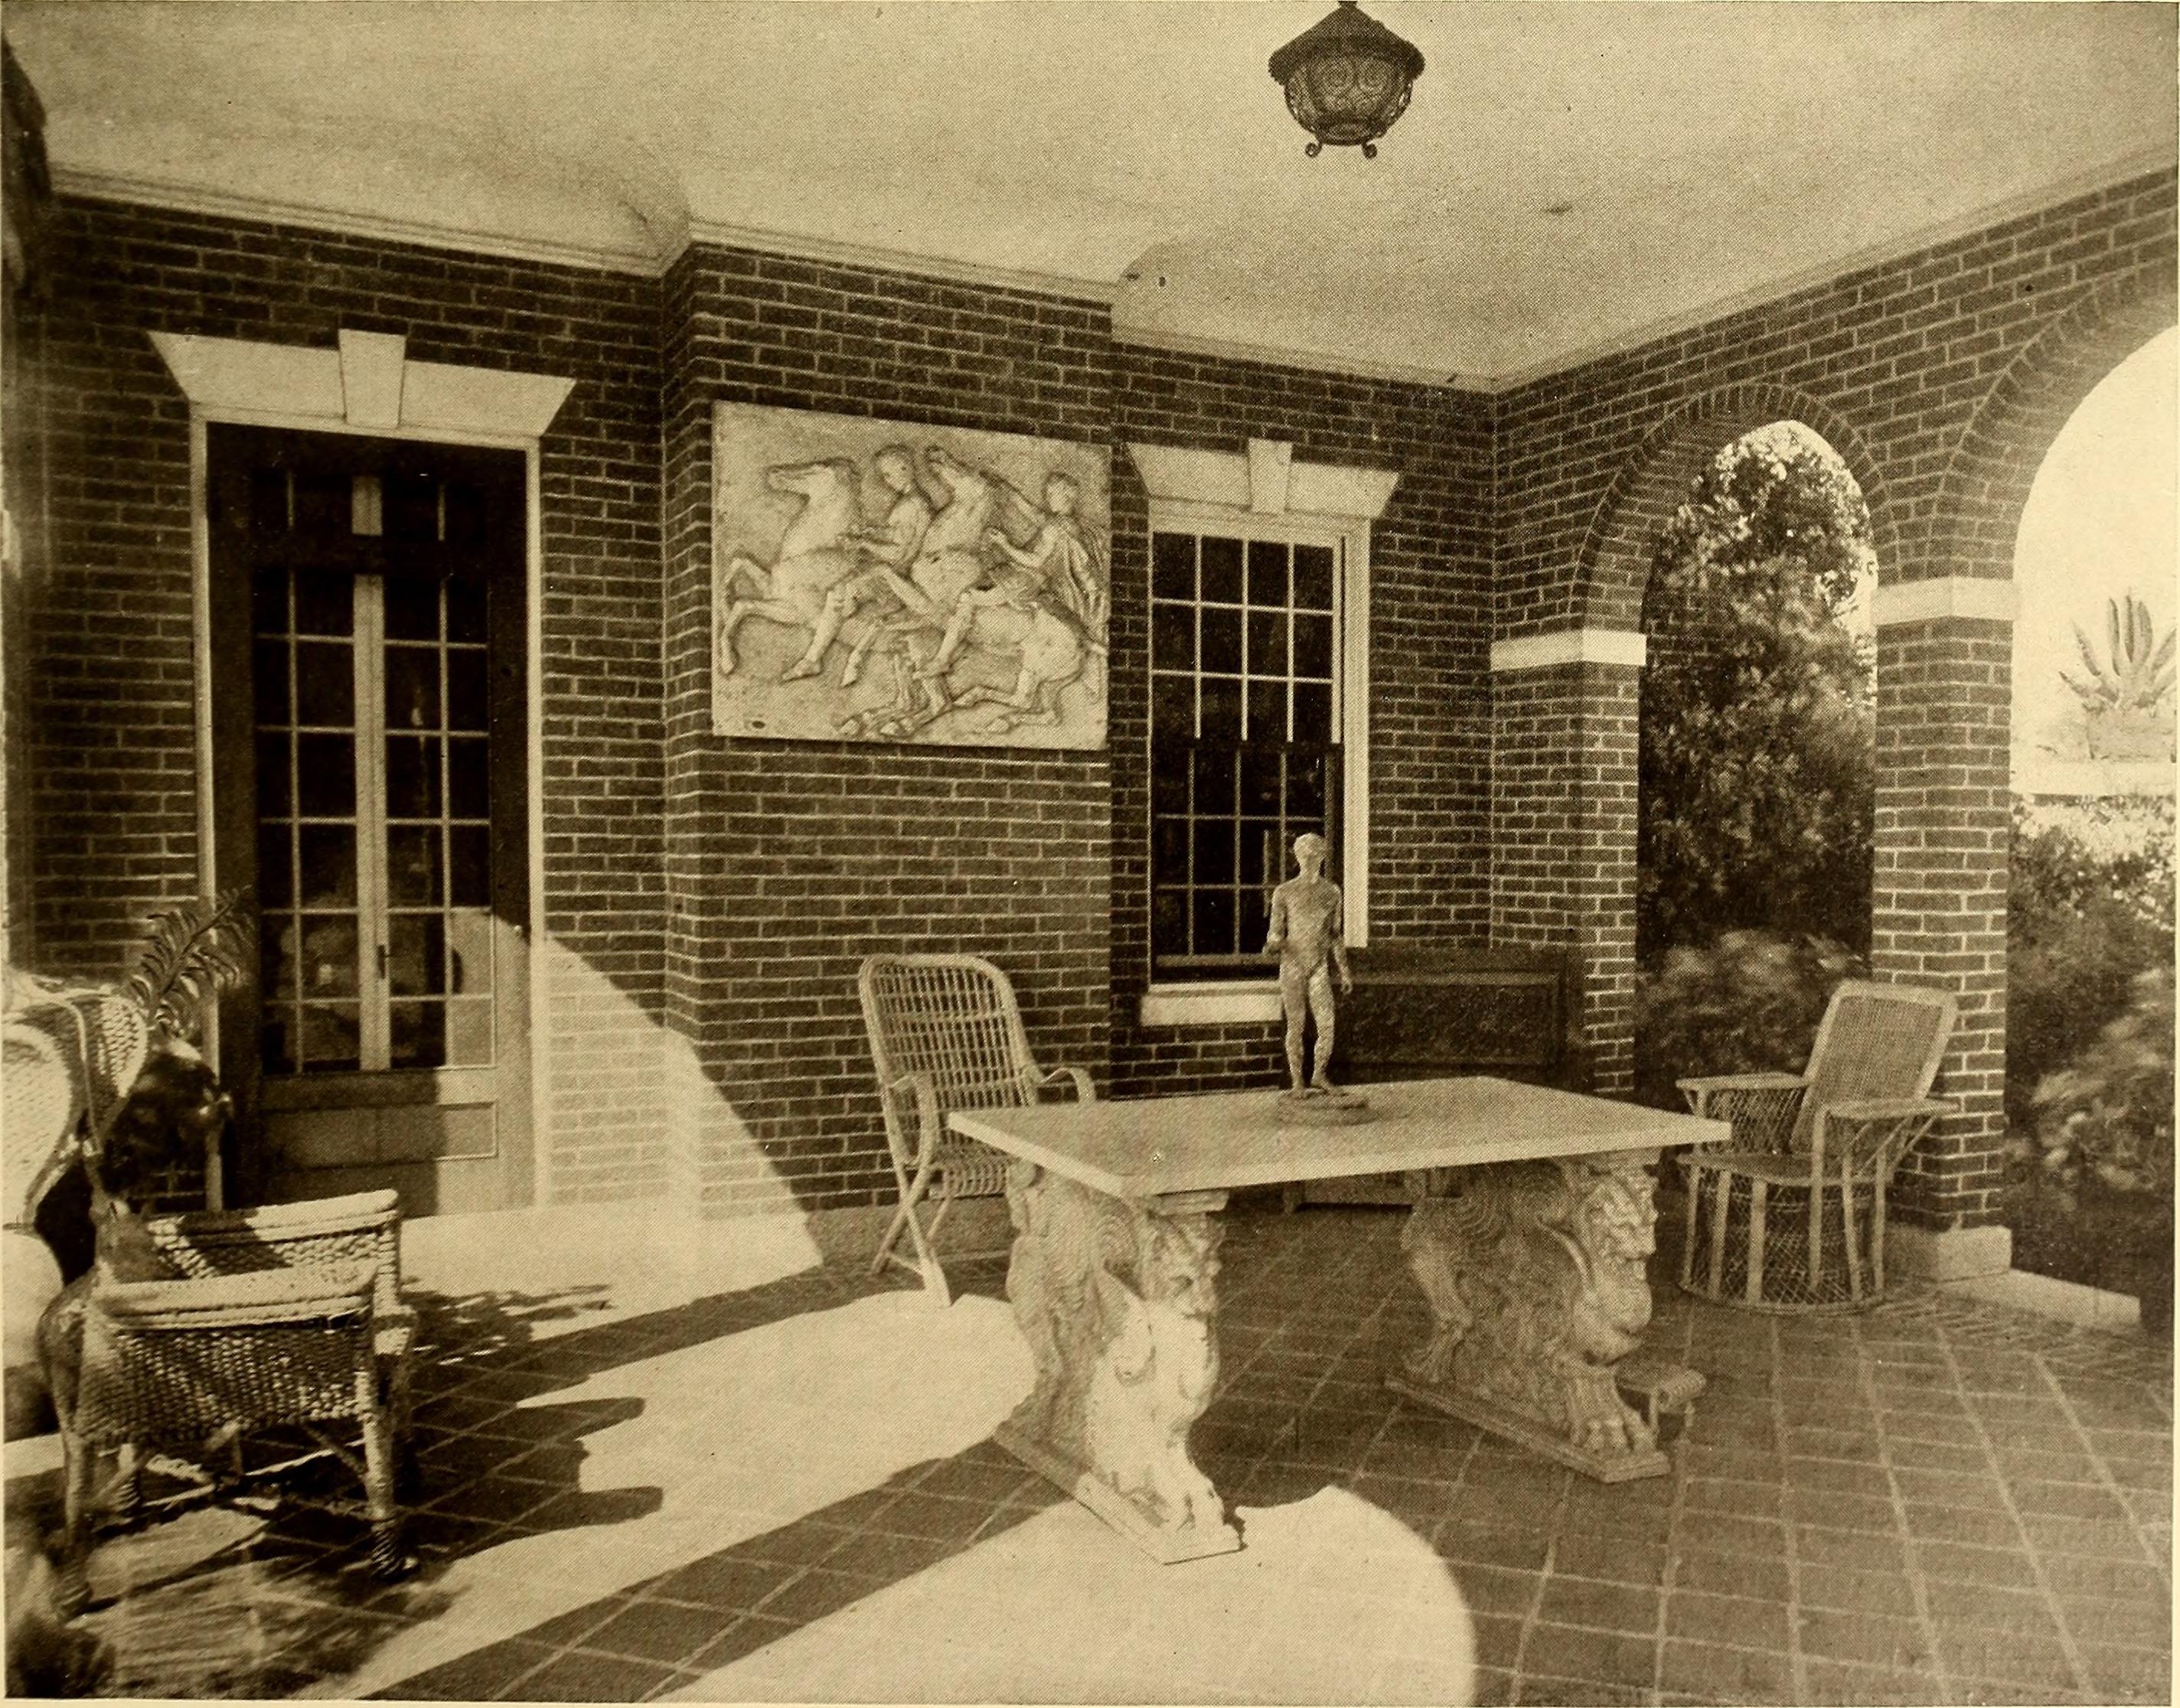 File:American homes and gardens (1907) (14764169252).jpg - Wikimedia ...